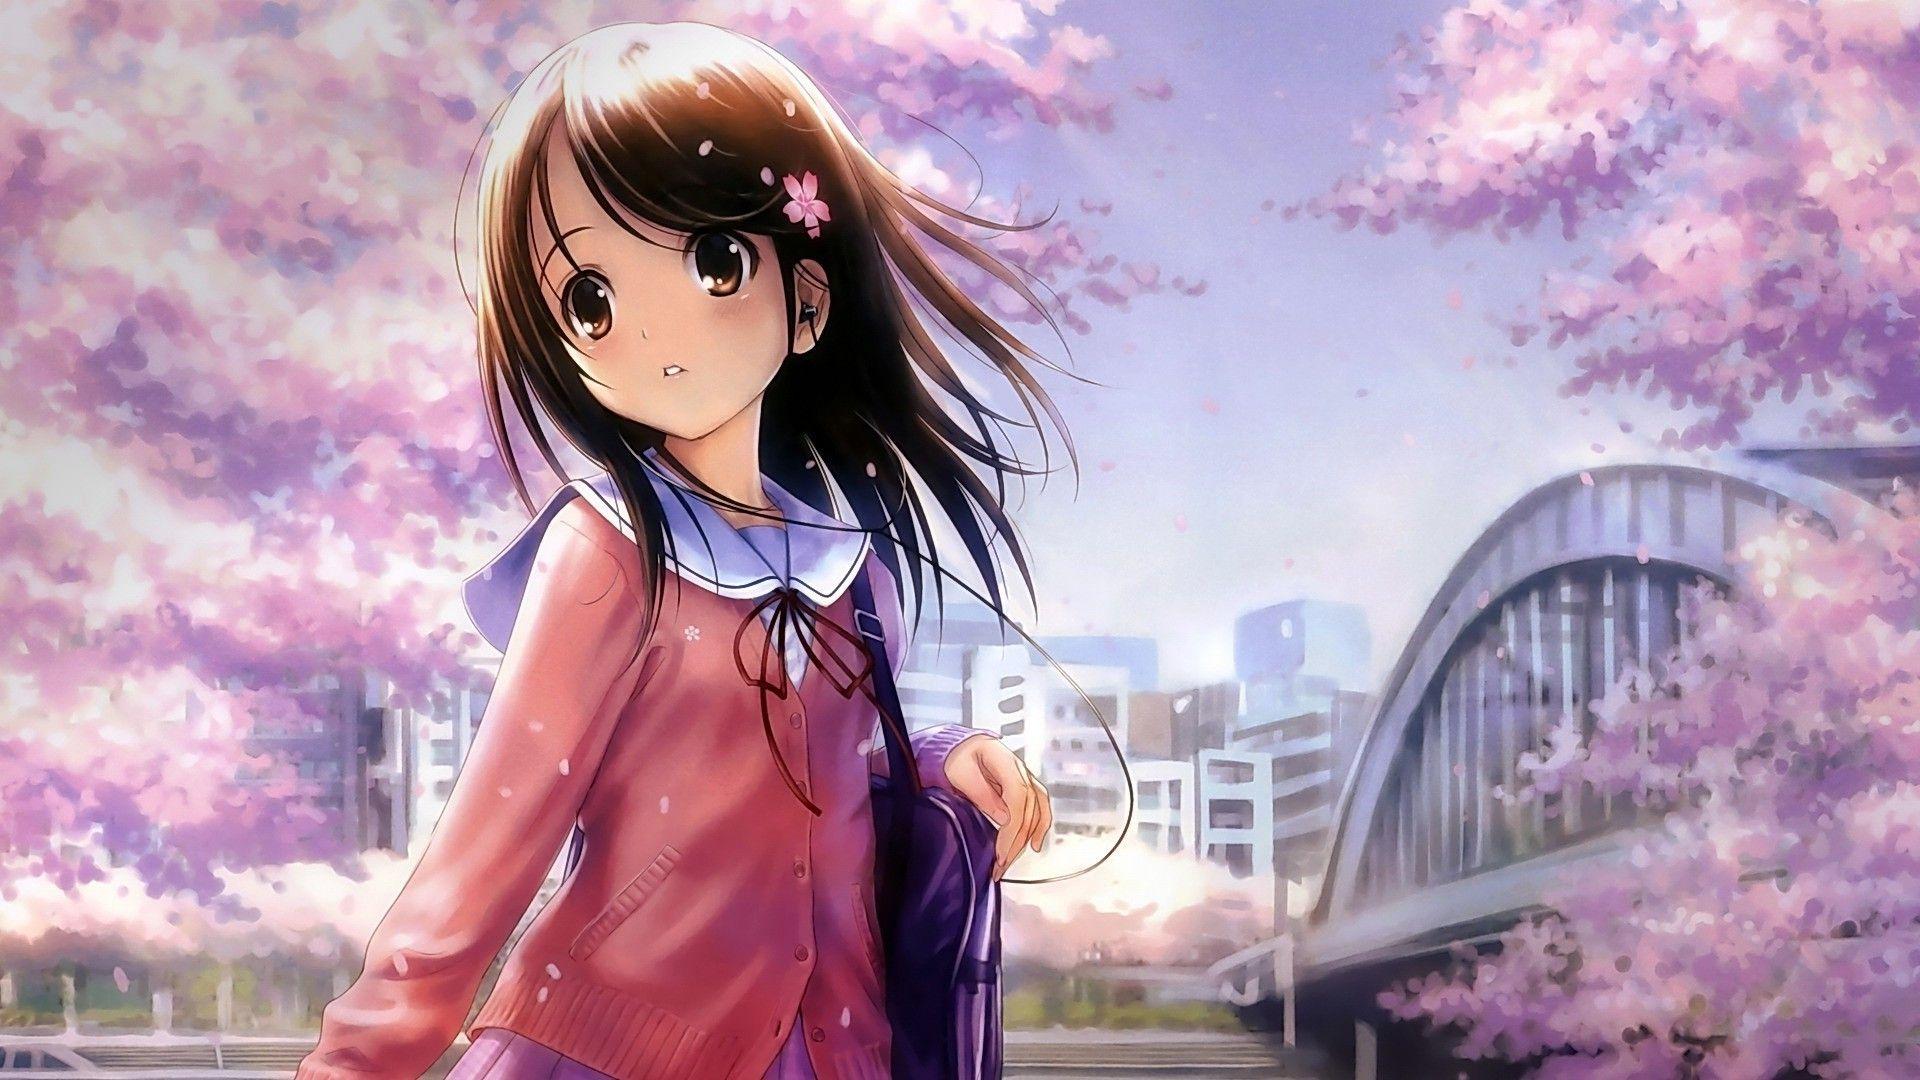 Kawaii Anime Girl Wallpapers On Wallpaperdog